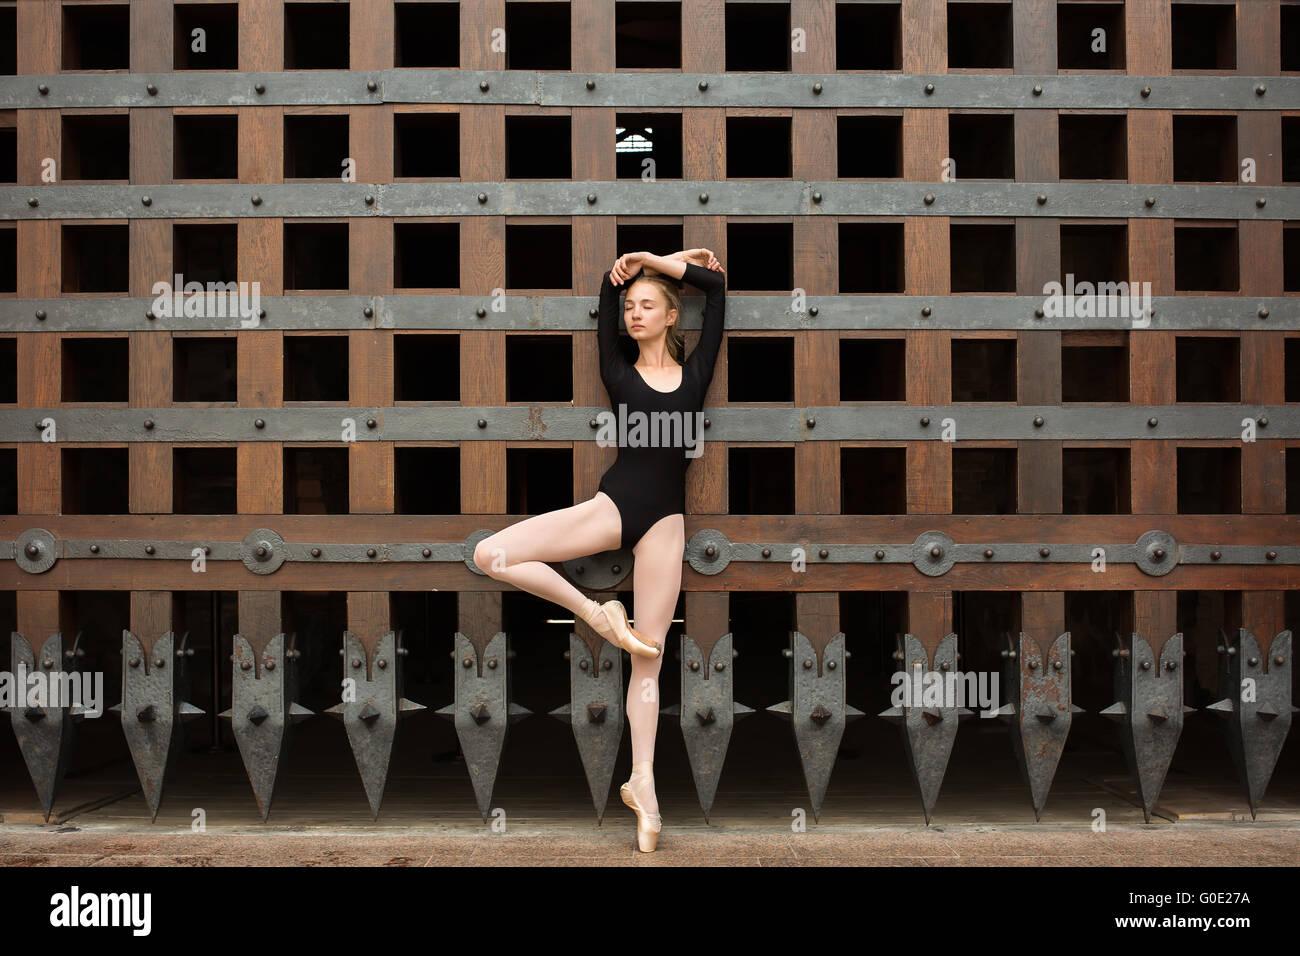 Slim ballerina sorge su una gamba vicino alla Porta Vecchia Immagini Stock